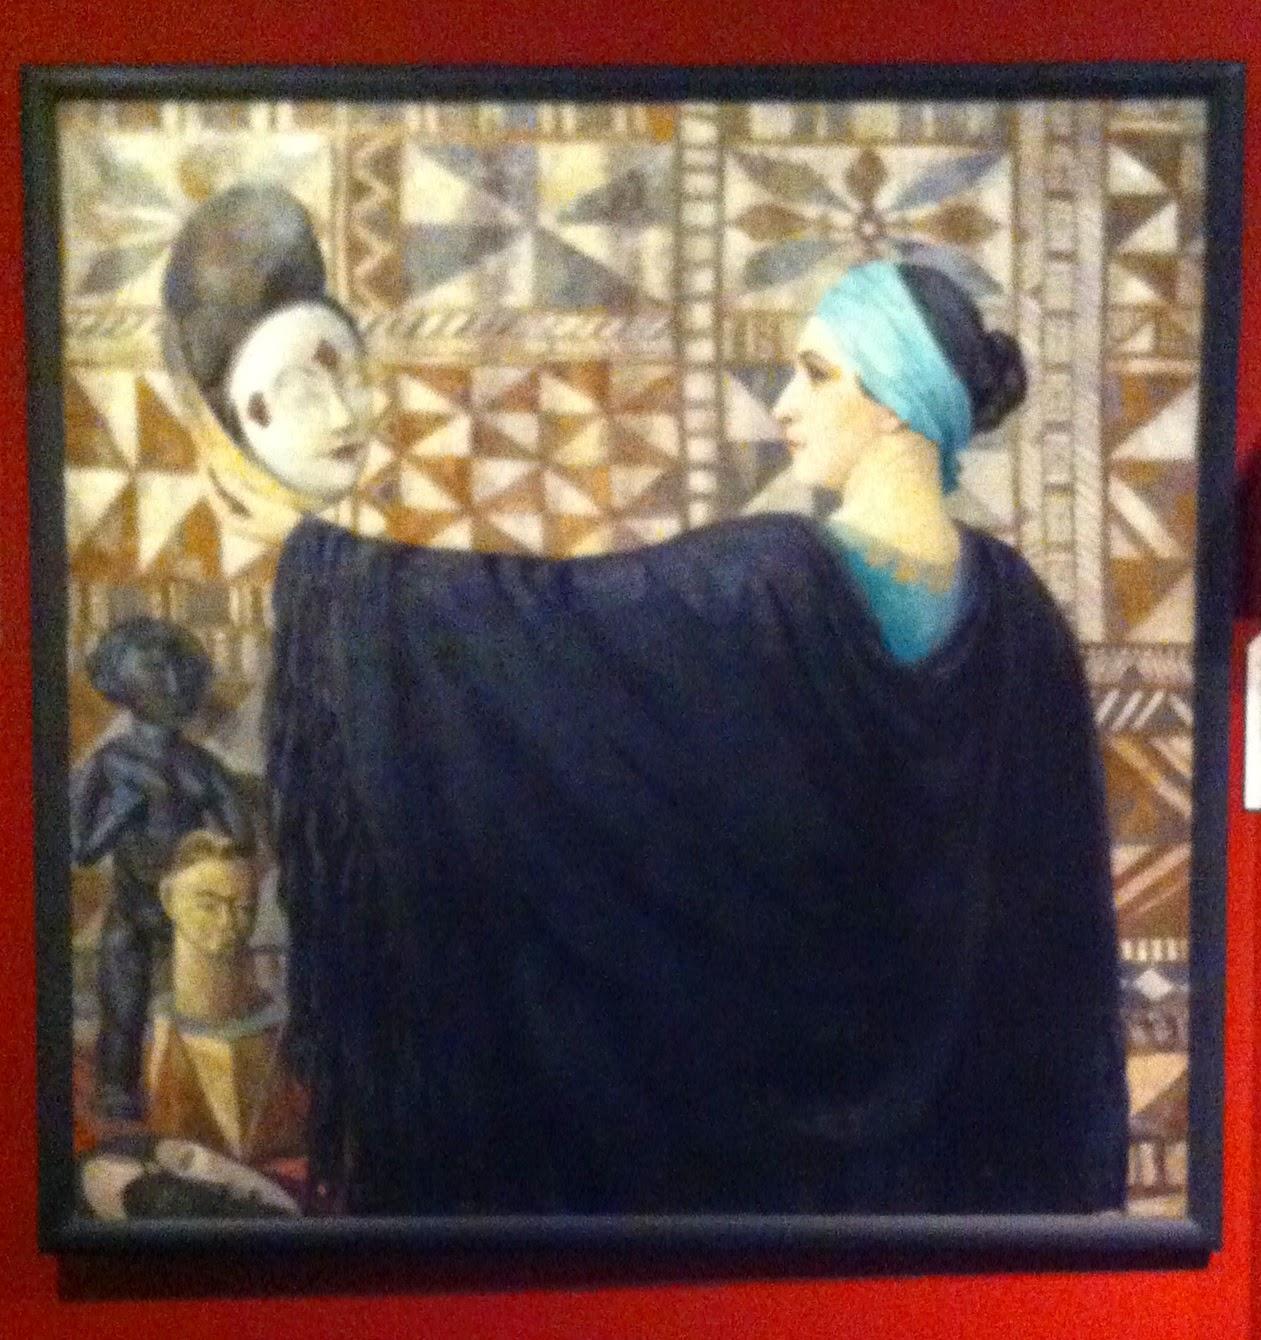 G. Moiselet, le masque negre, 1929